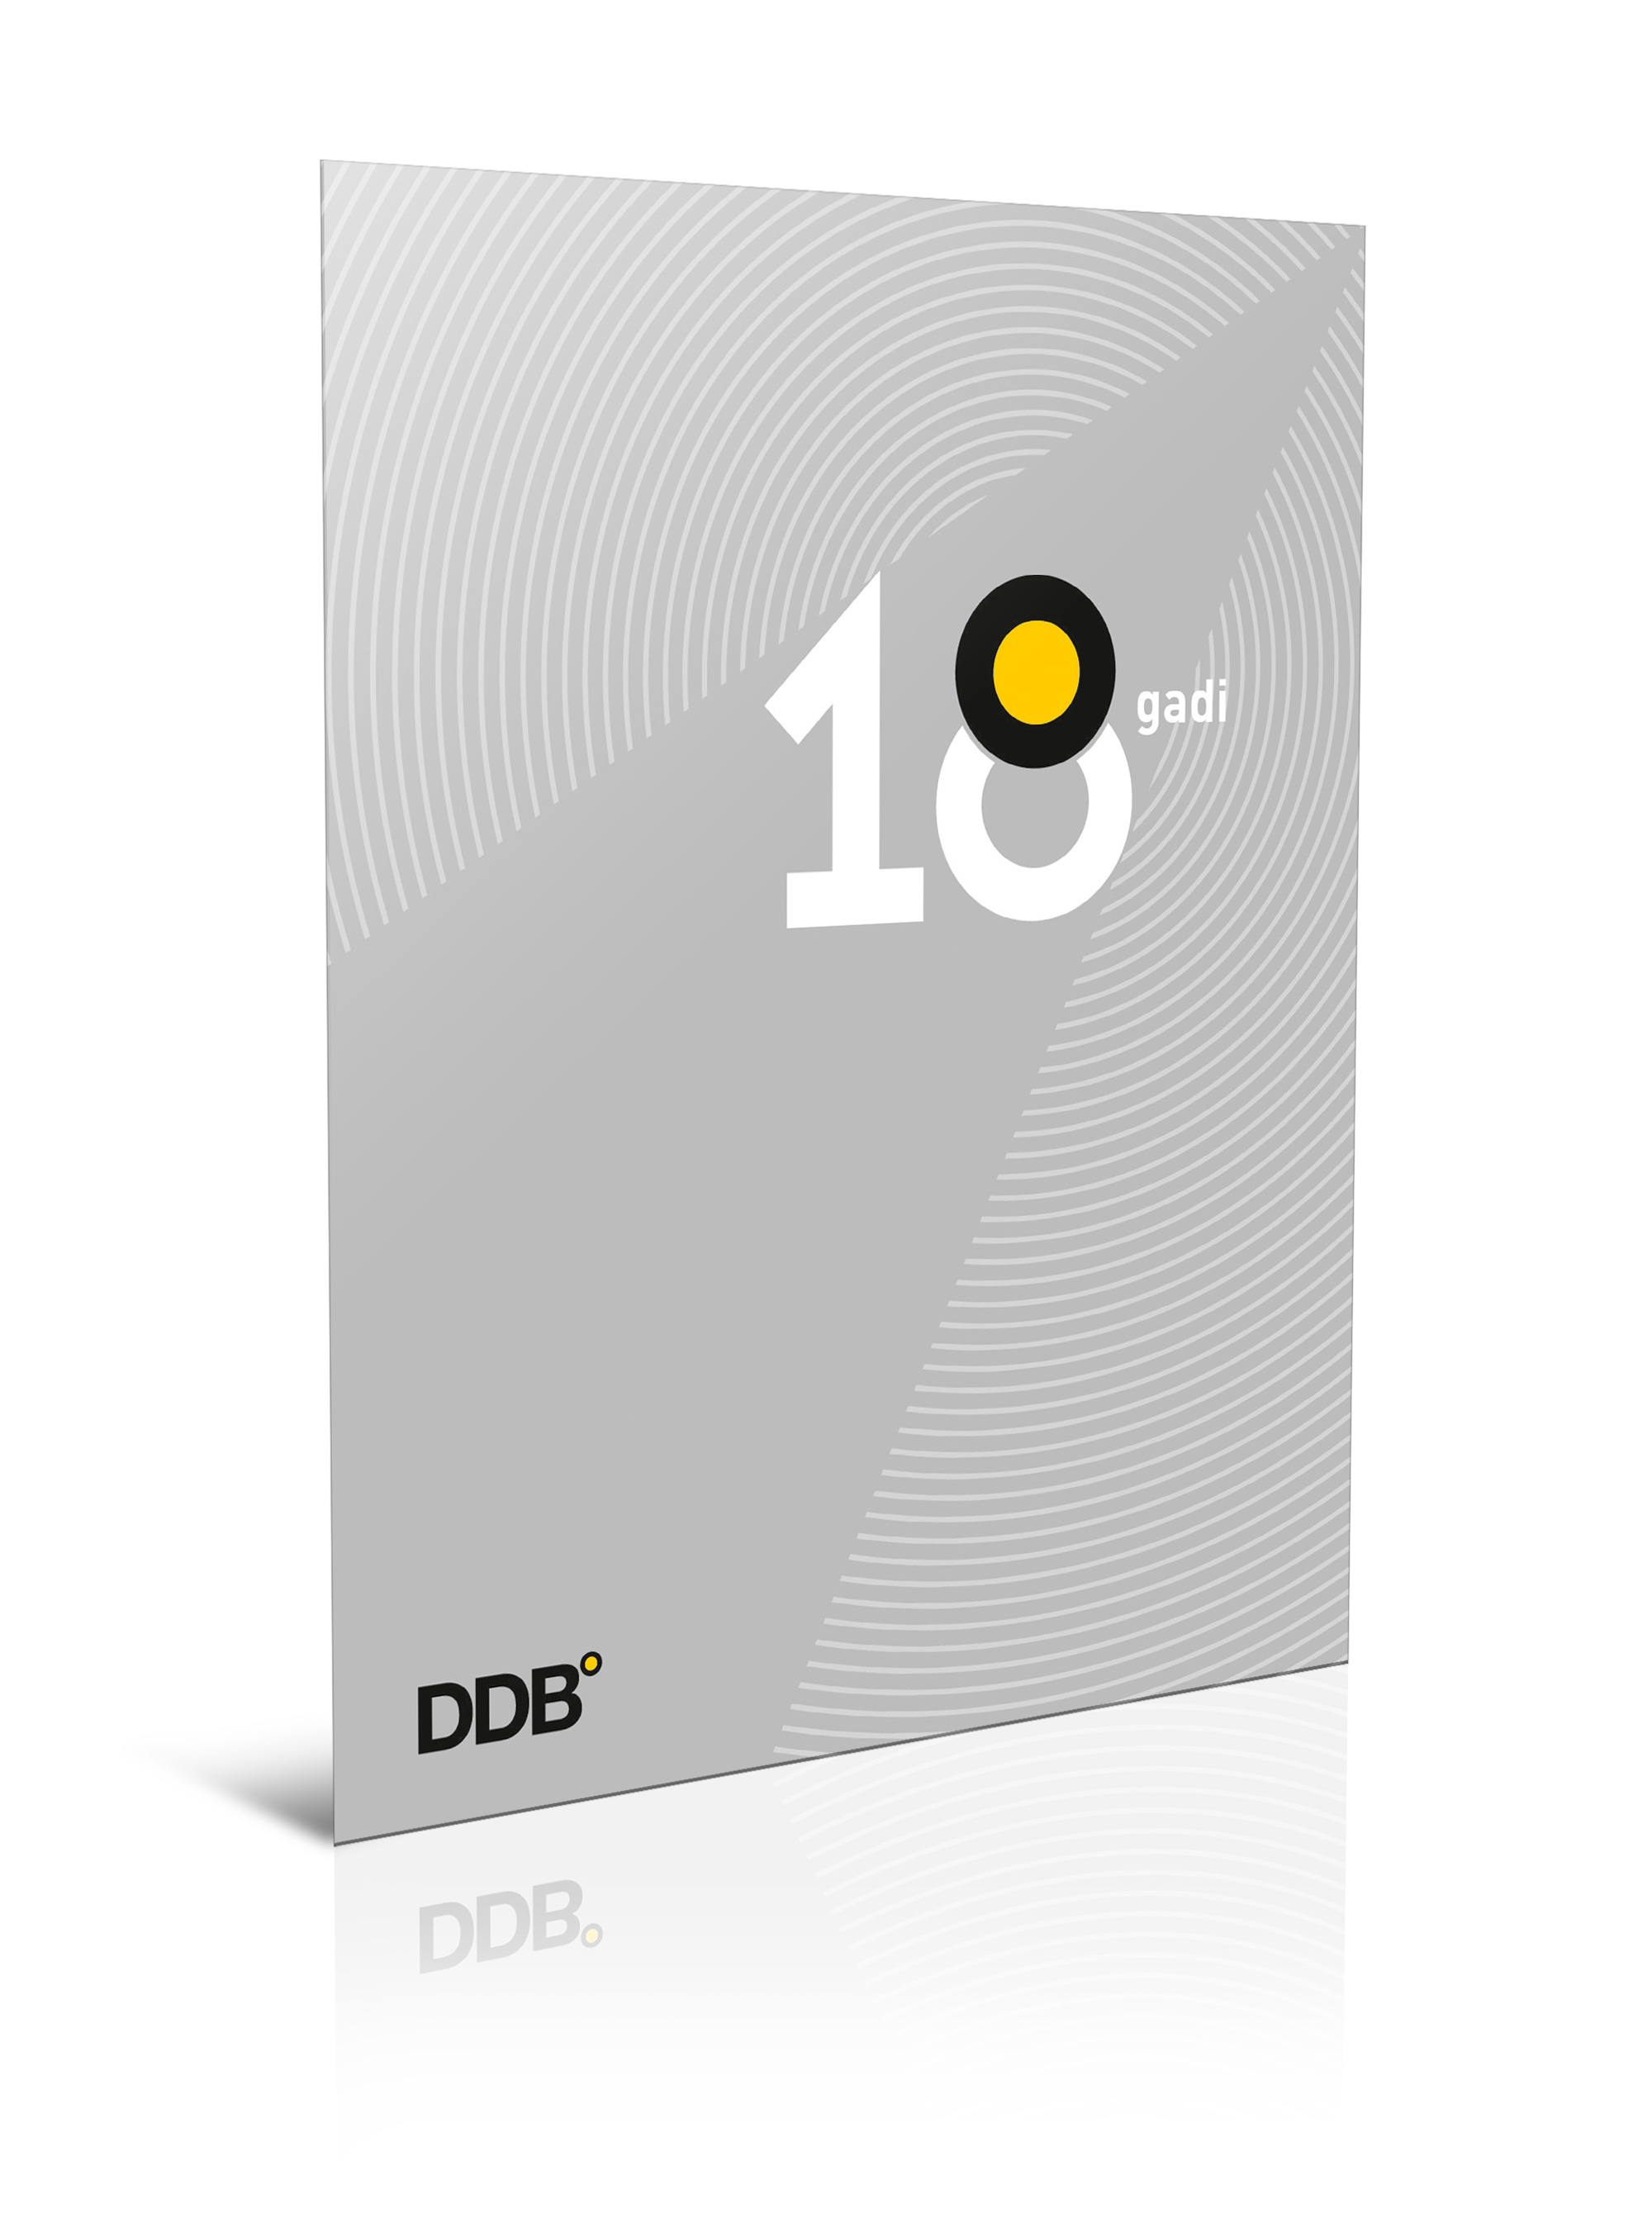 poster, plakāts, DDB, darba intervija, dizains, design